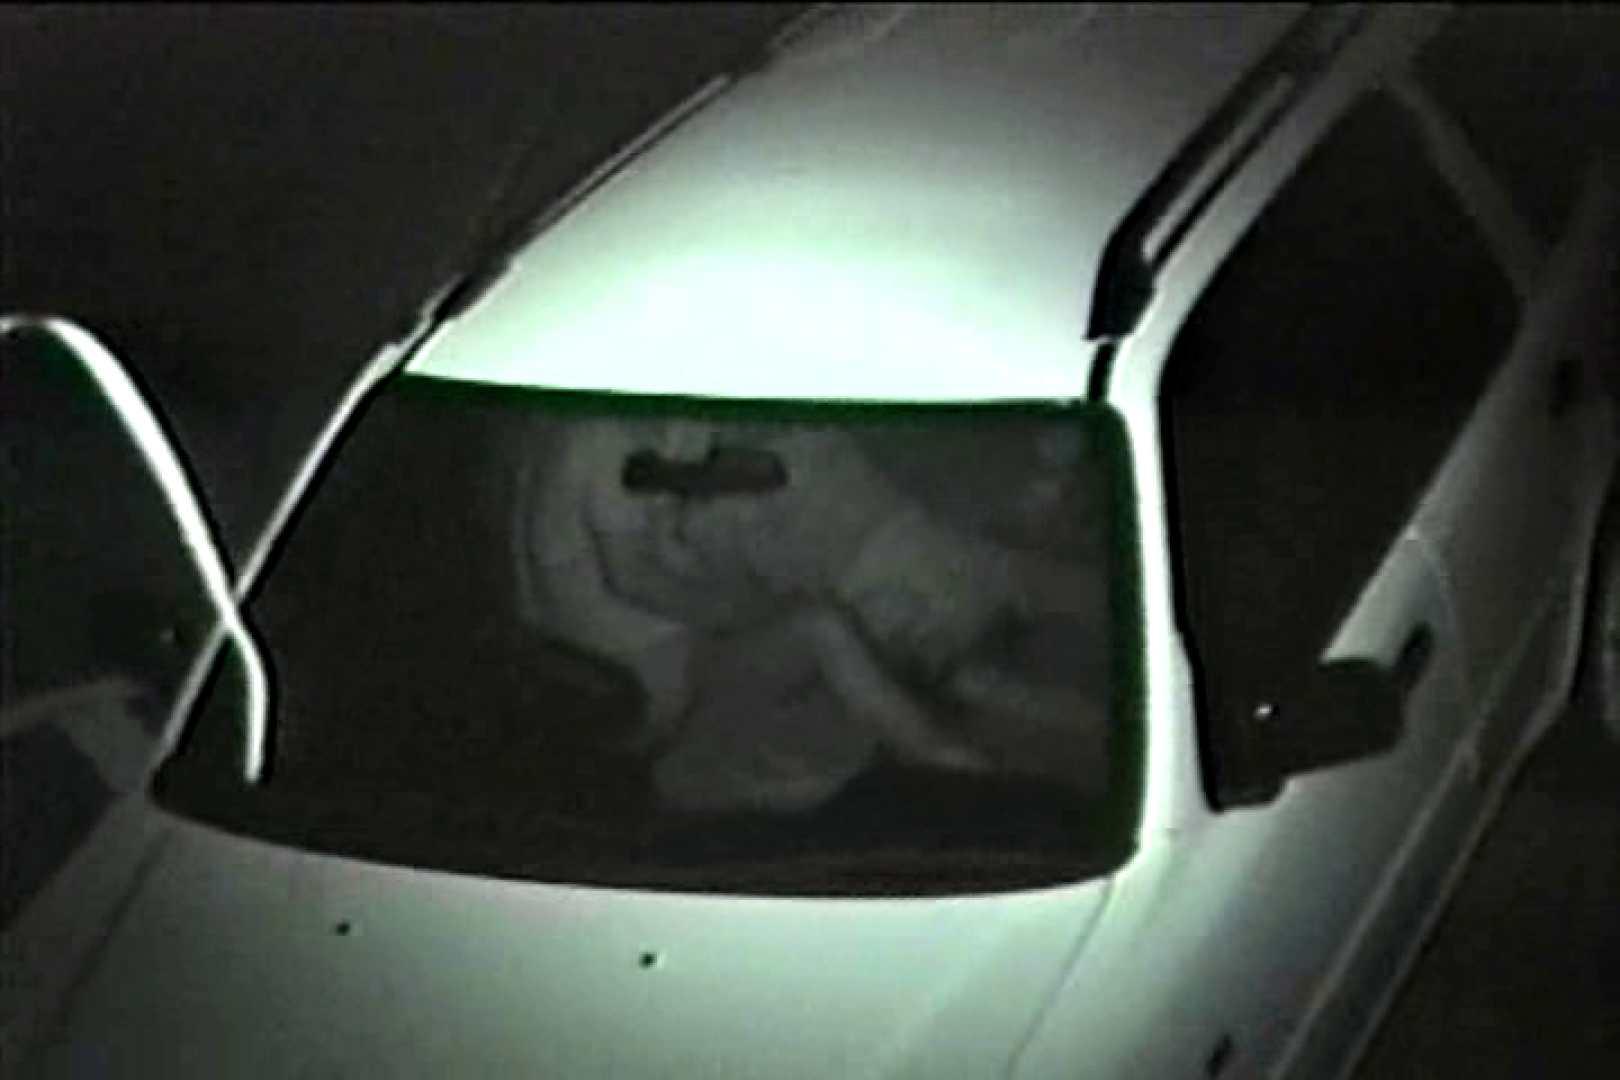 車の中はラブホテル 無修正版  Vol.7 ホテル 盗み撮りAV無料動画キャプチャ 96連発 53